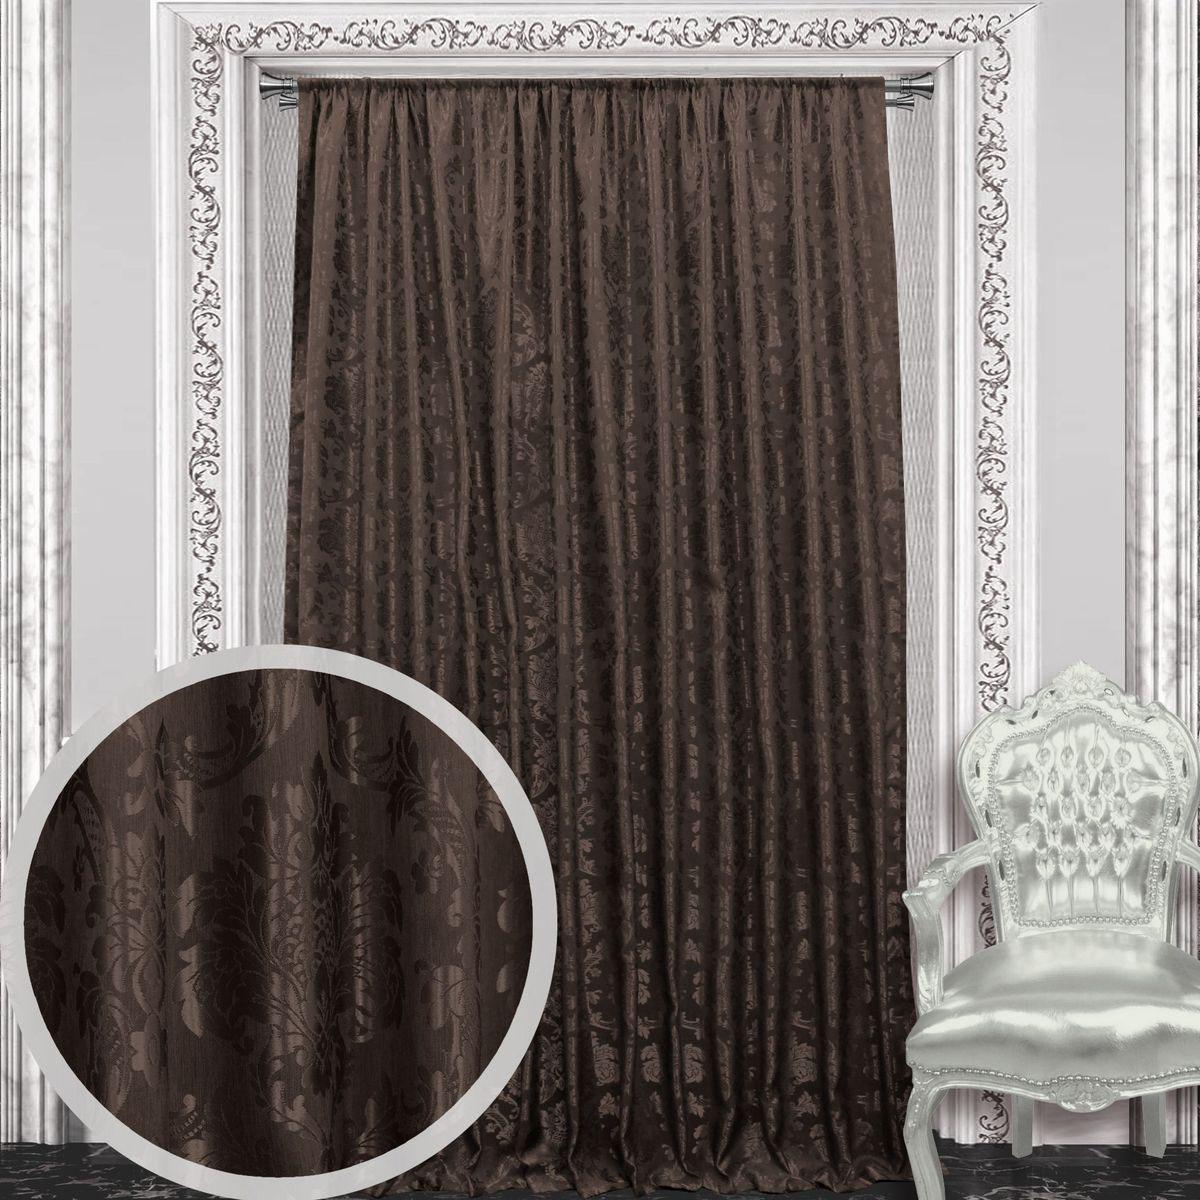 Штора Amore Mio, на ленте, цвет: коричневый, высота 270 см. 8605386053Штора Amore Mio с роскошным рисунком изготовлена из 100% полиэстера. Полиэстер - вид ткани, состоящий из полиэфирных волокон. Ткани из полиэстера легкие, прочные и износостойкие. Такие изделия не требуют специального ухода, не пылятся и почти не мнутся.Крепление к карнизу осуществляется при помощи вшитой шторной ленты.